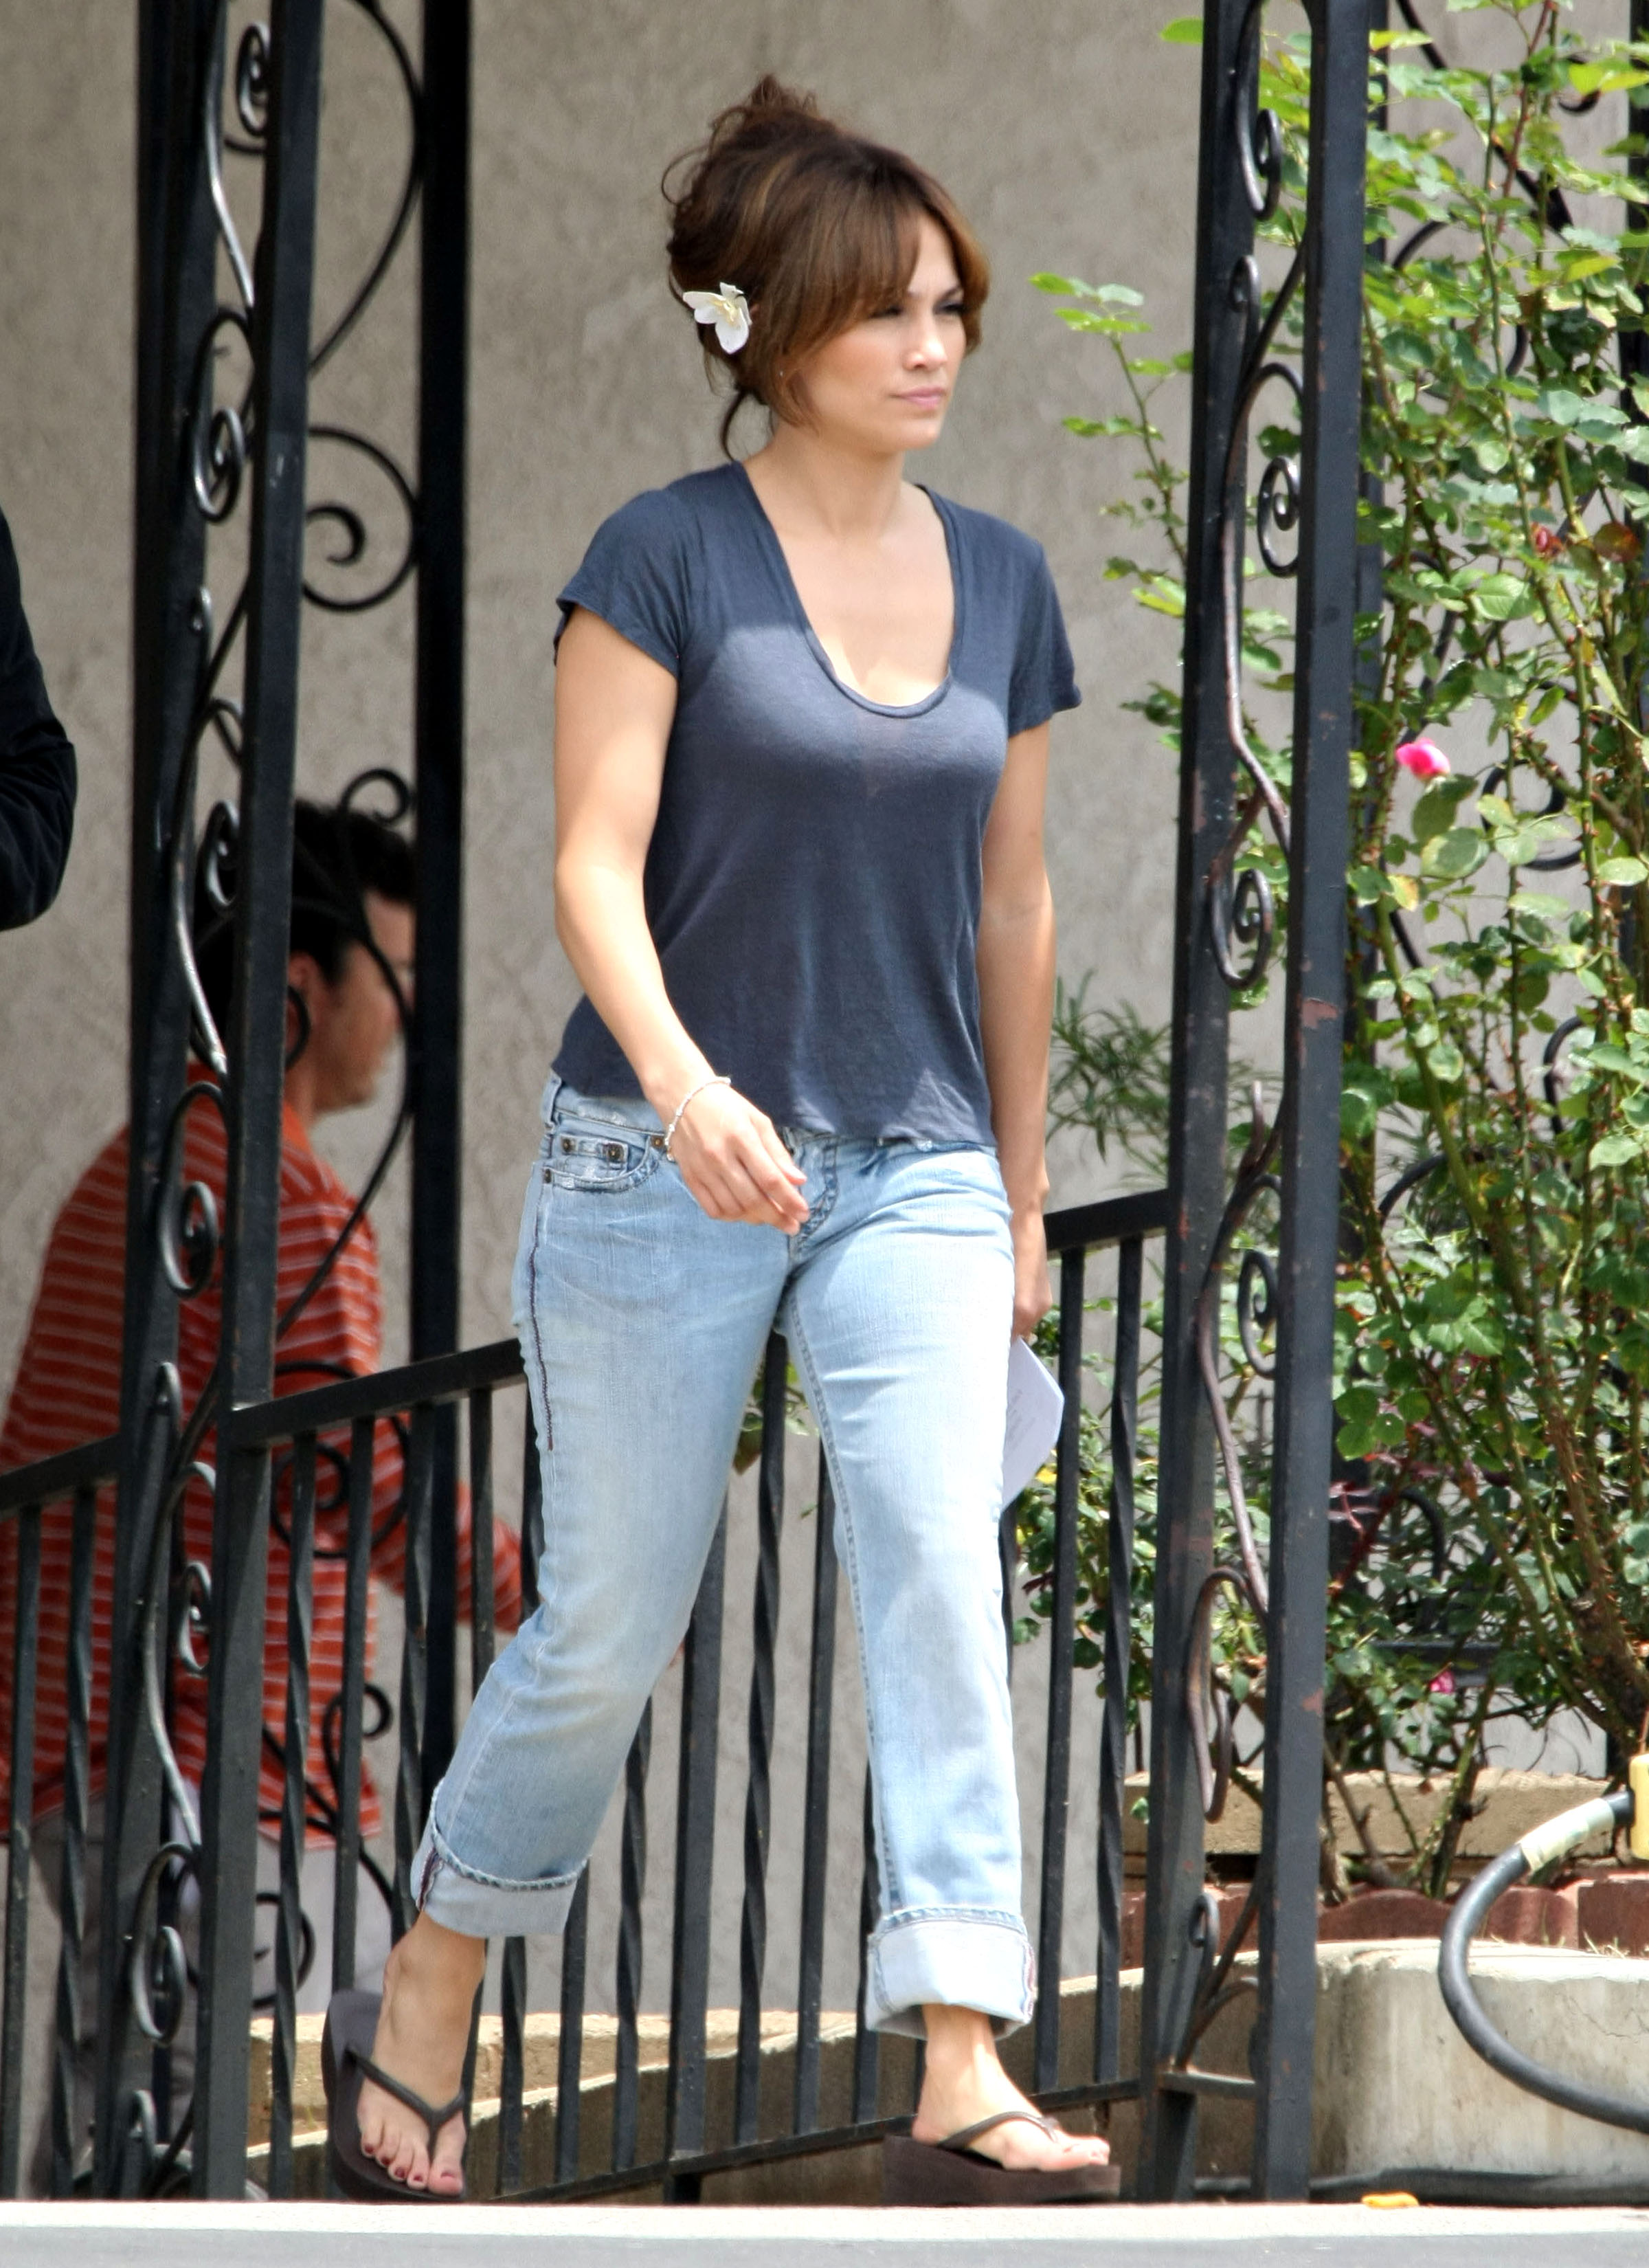 35991_Preppie_-_Jennifer_Lopez_on_The_Backup_Plan_set_in_Los_Angeles_-_June_15_2009_979_122_1lo.jpg